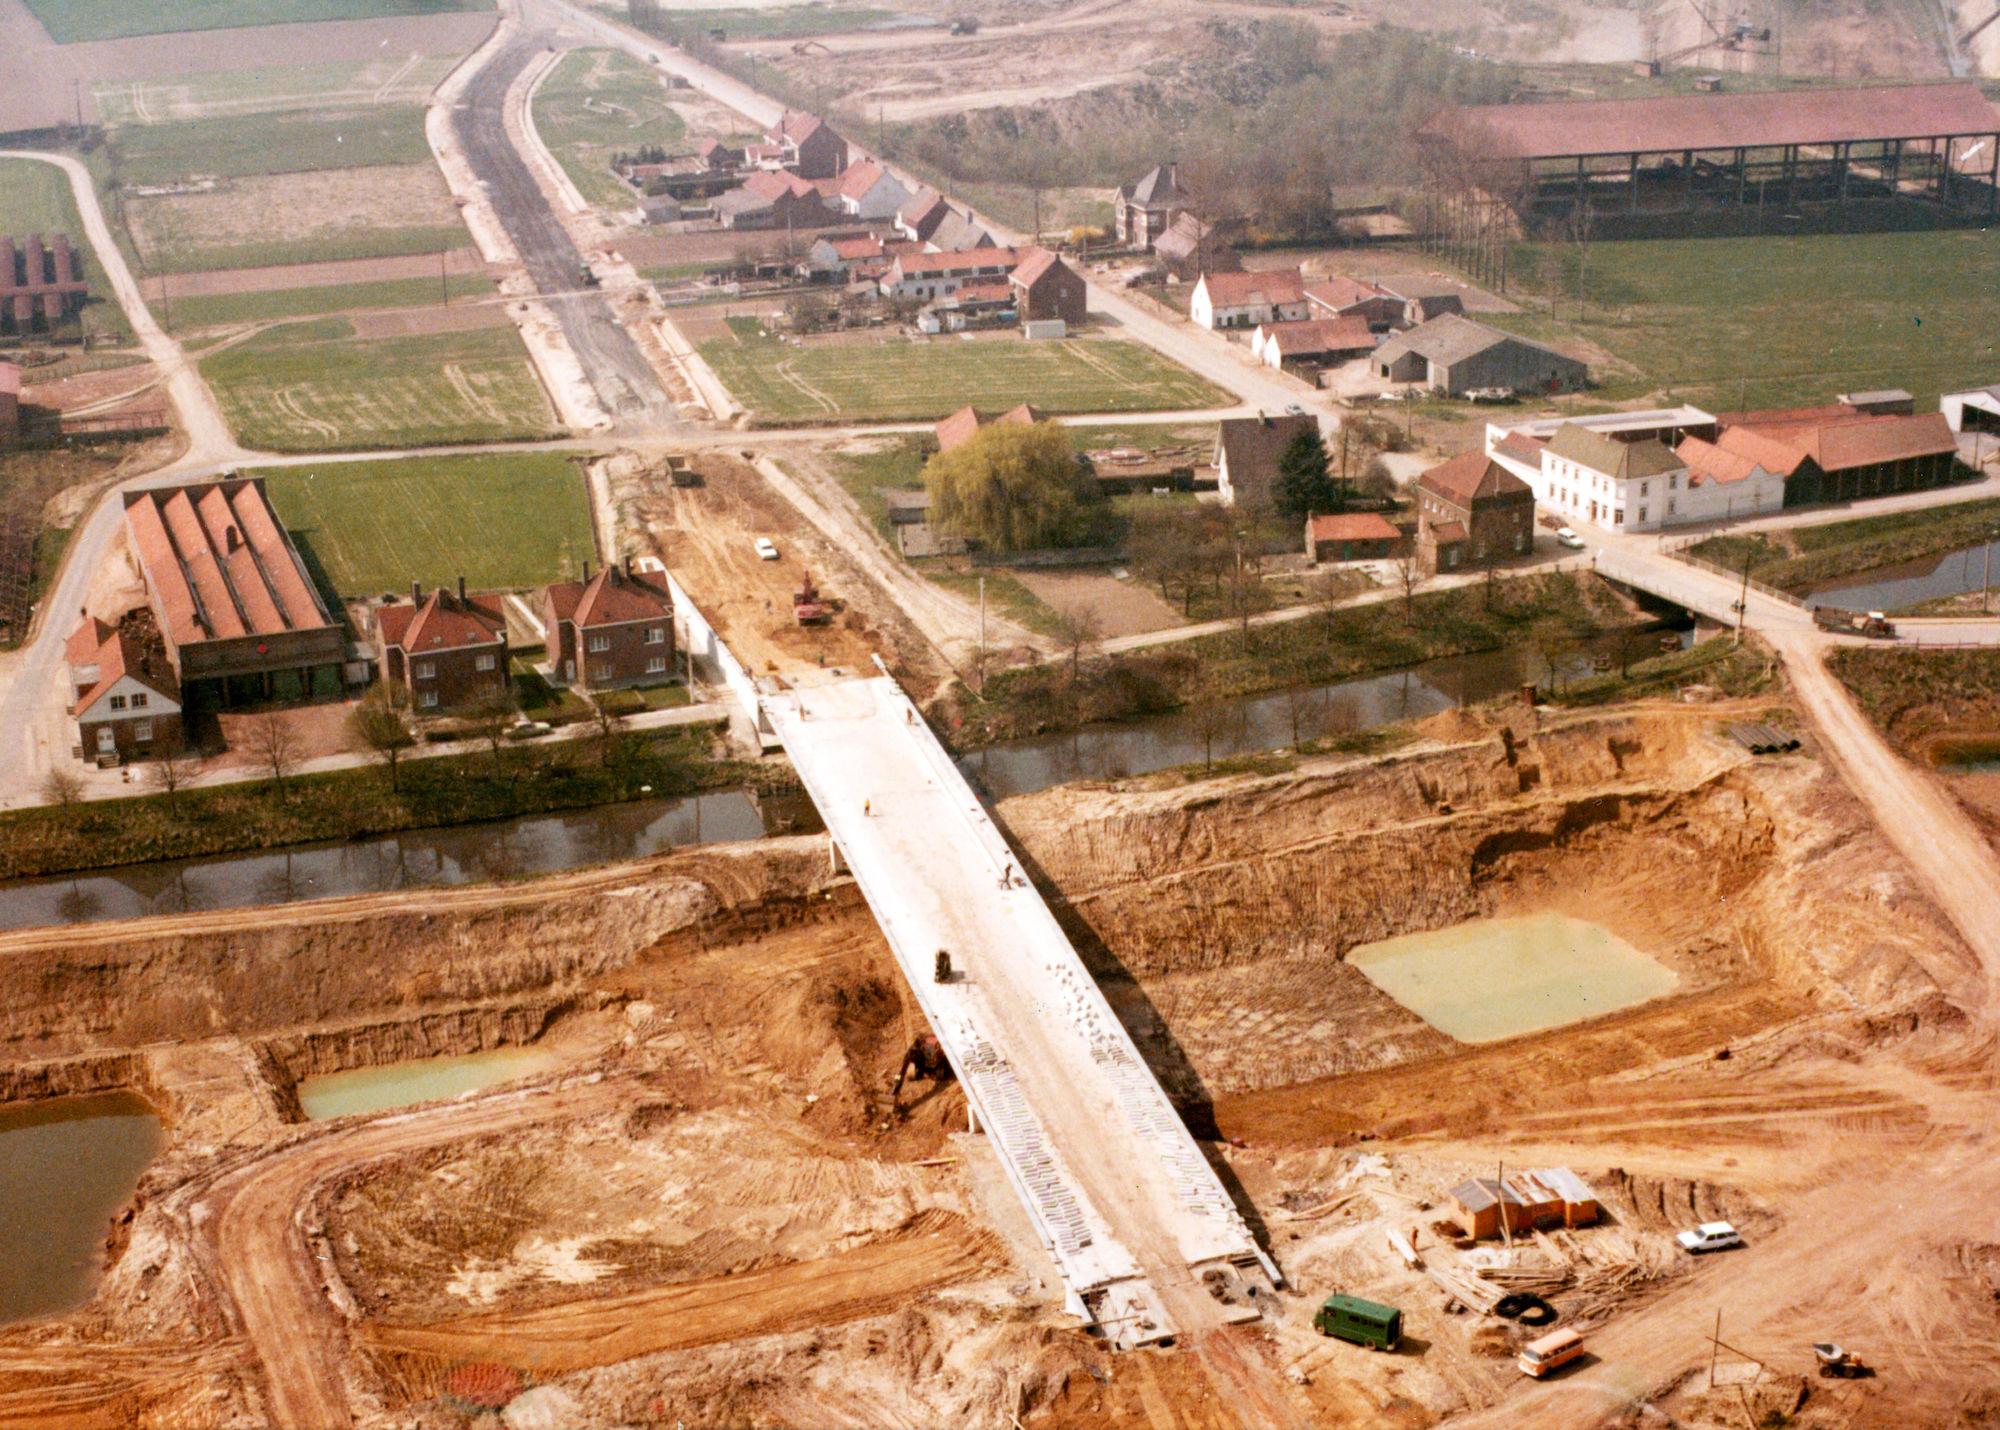 Bouw van de nieuwe brug over het kanaal Bossuit-Kortrijk te Moen mei 1979